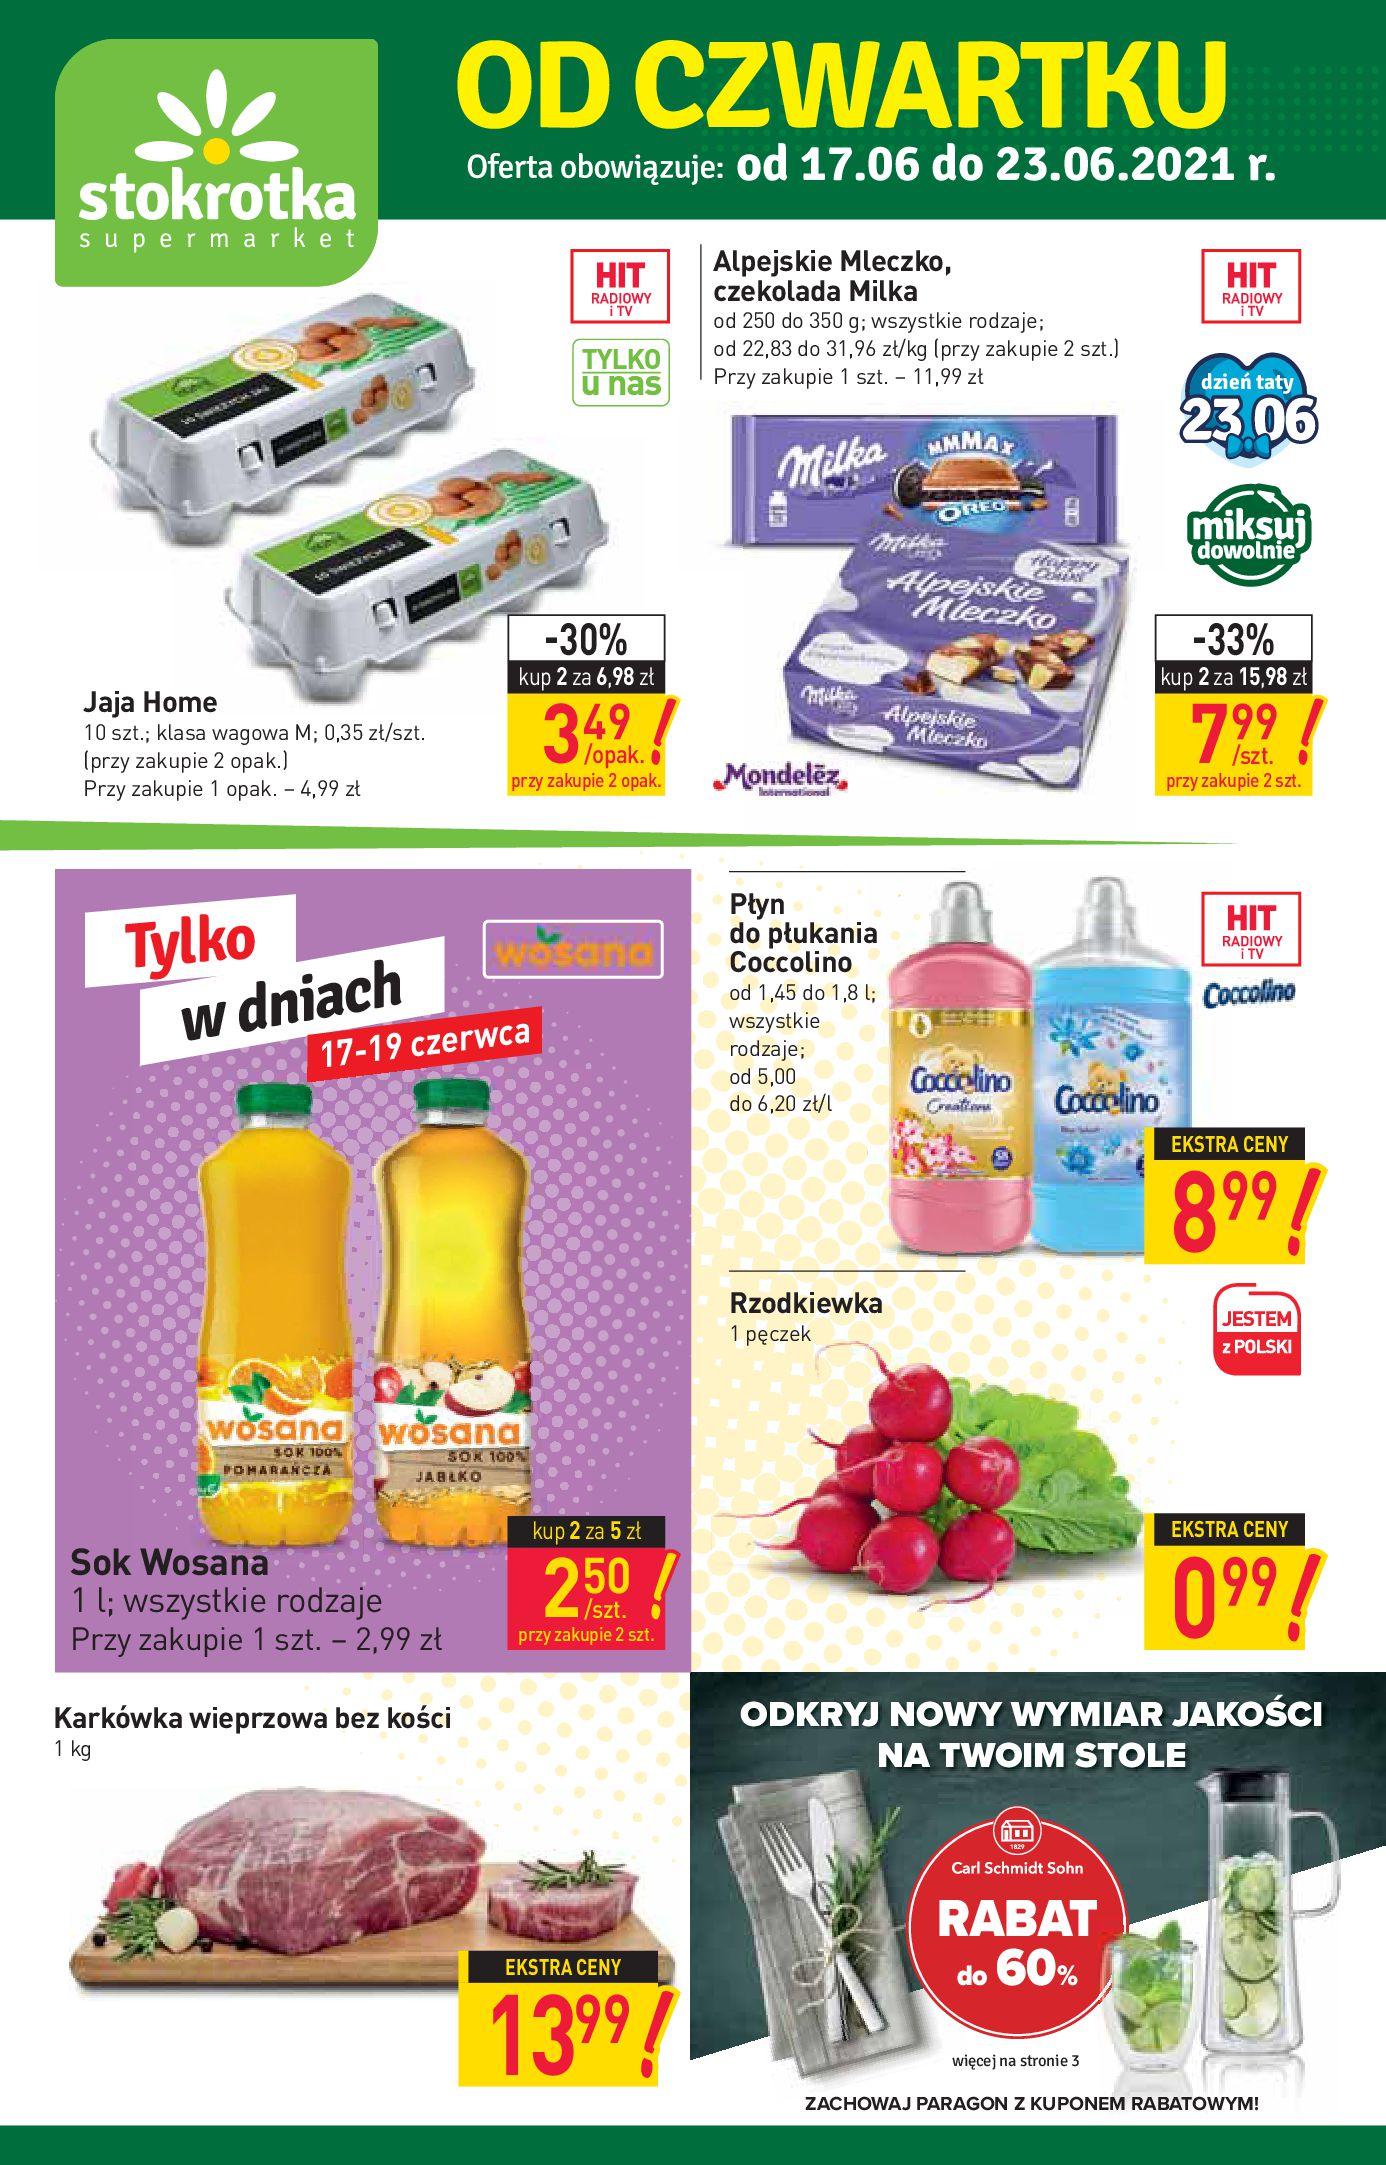 Stokrotka Supermarket:  Gazetka Stokrotka Supermarket - 17-23.06 16.06.2021